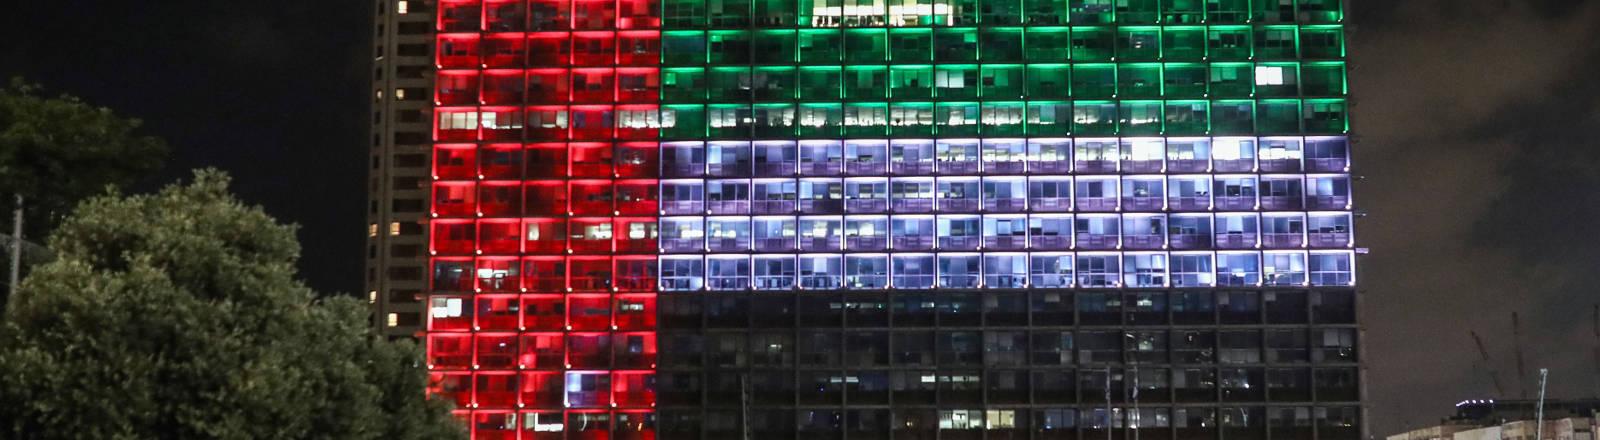 Die Fenster eines Hauses in Tel Aviv sind in den Flaggen der Vereinigten Arabischen Emirate beleuchtet.